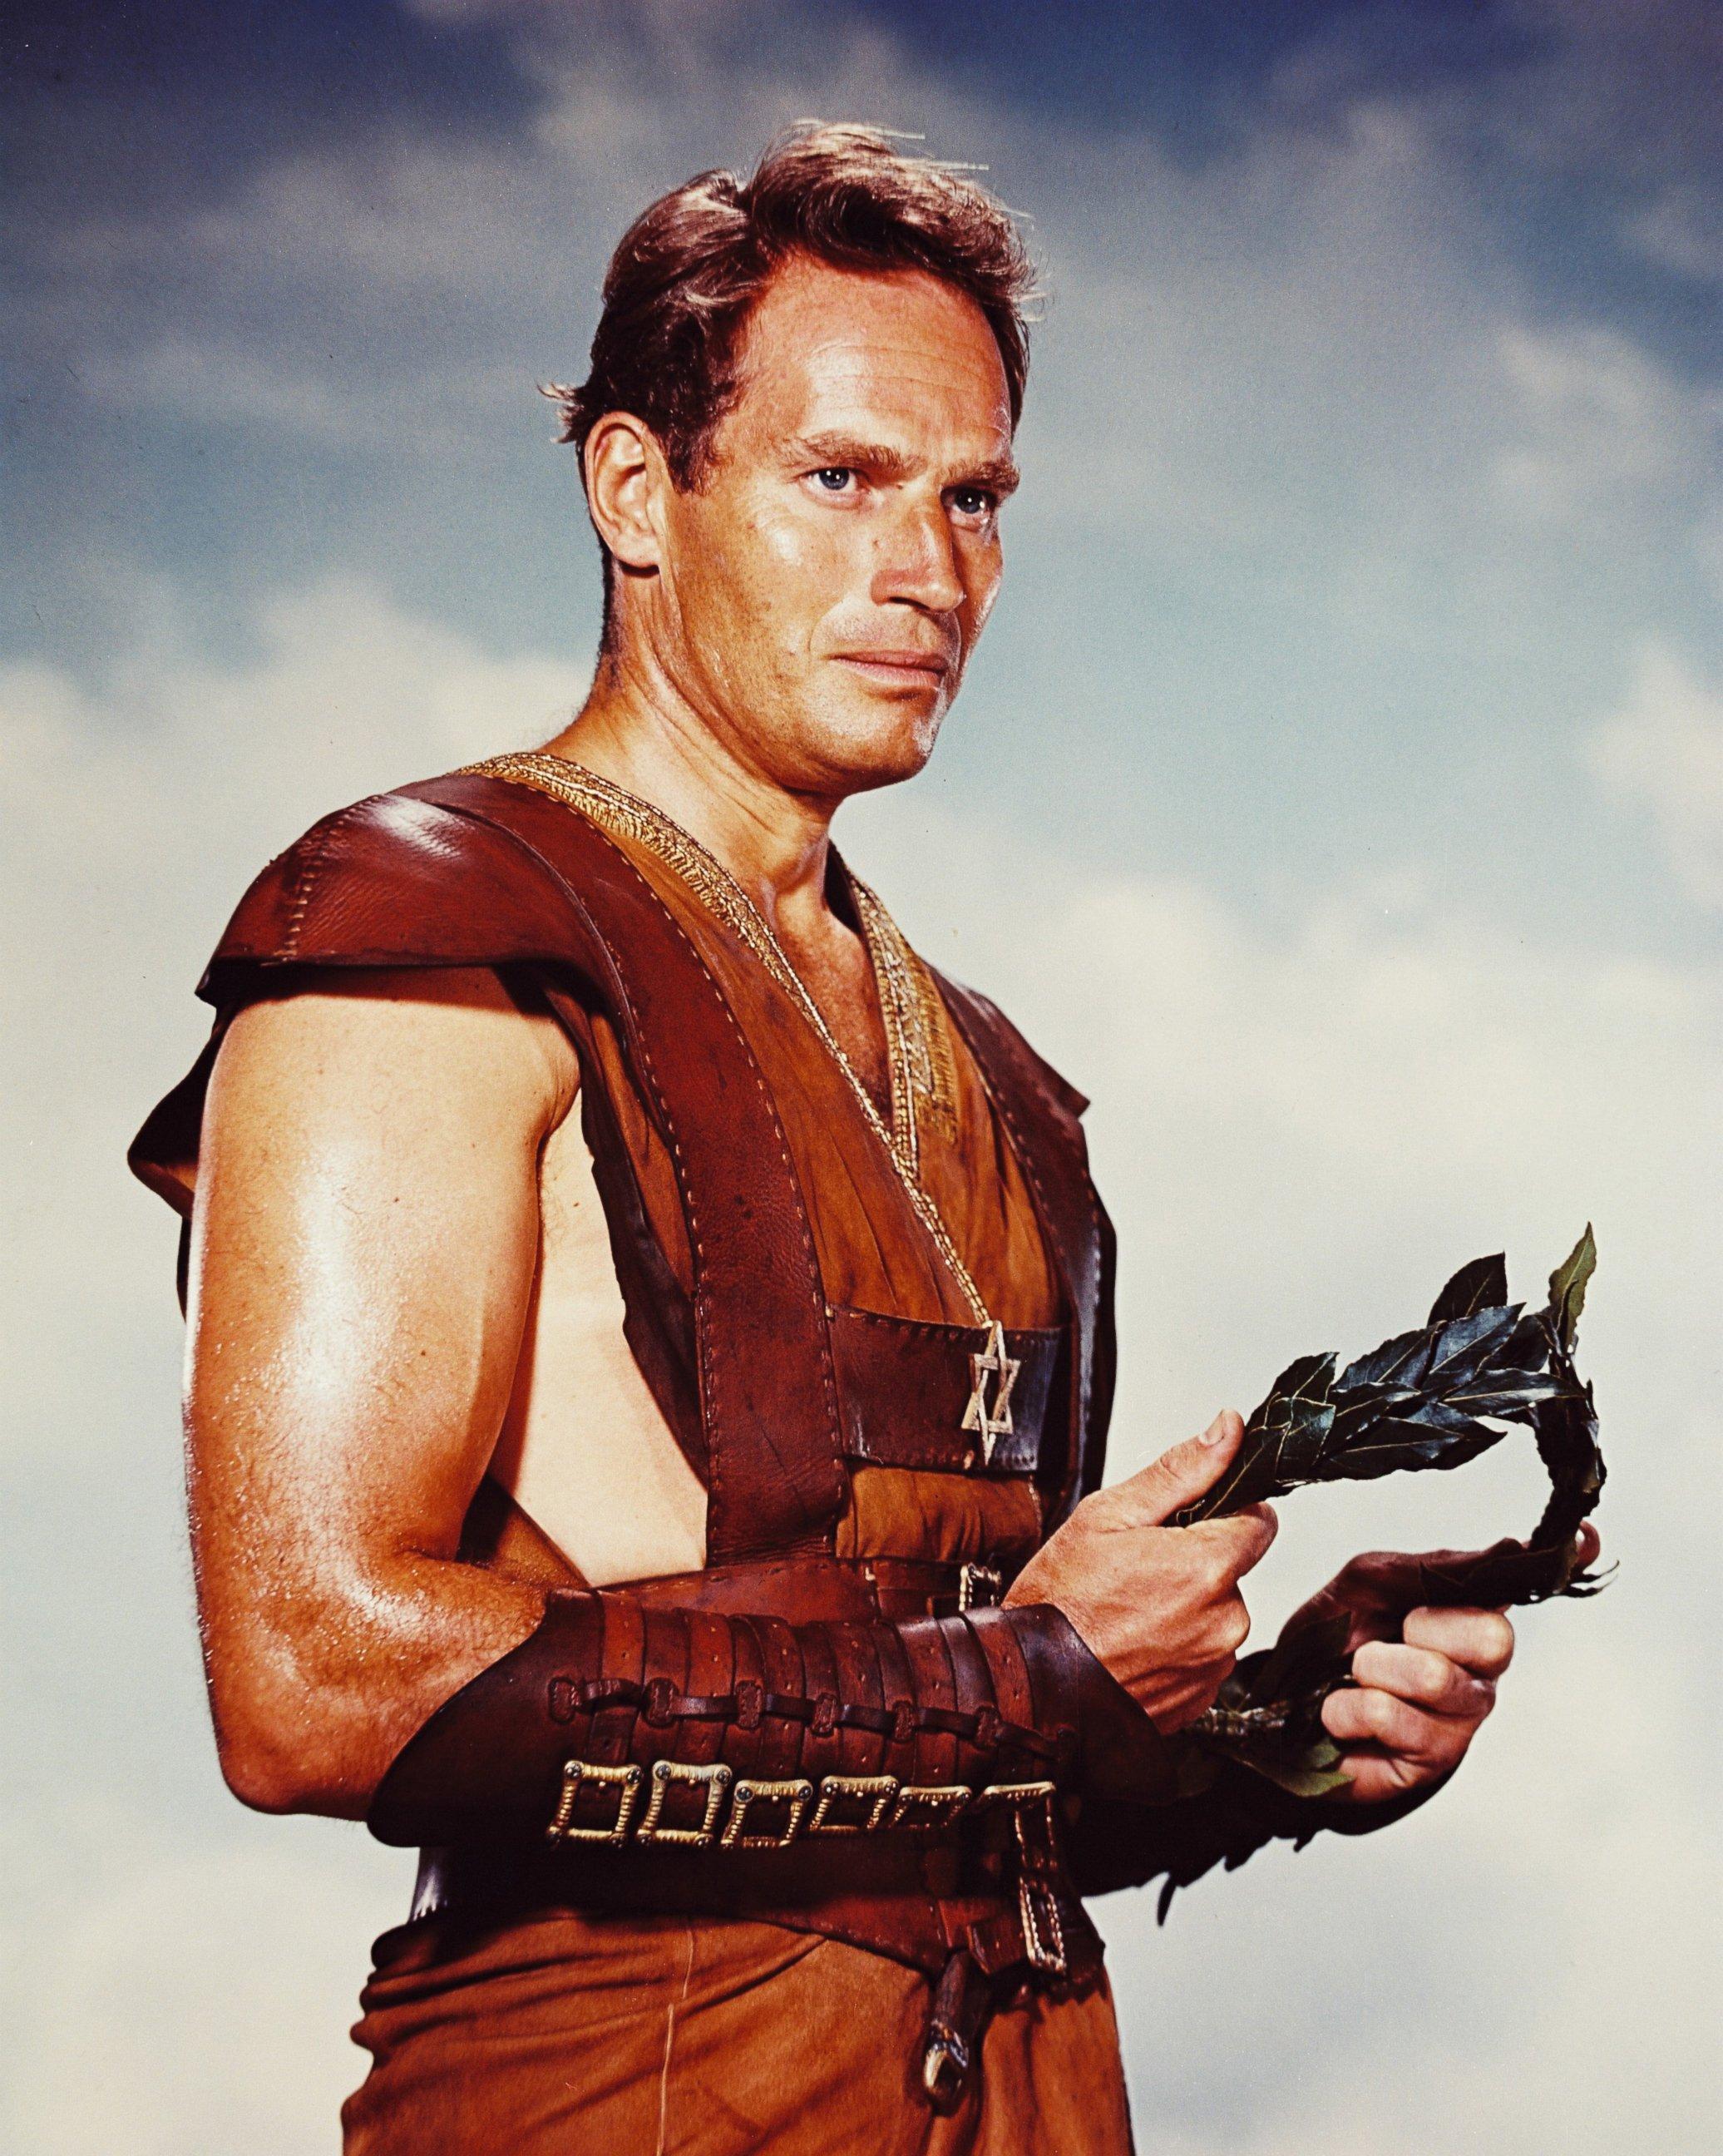 Image result for gladiator charlton heston